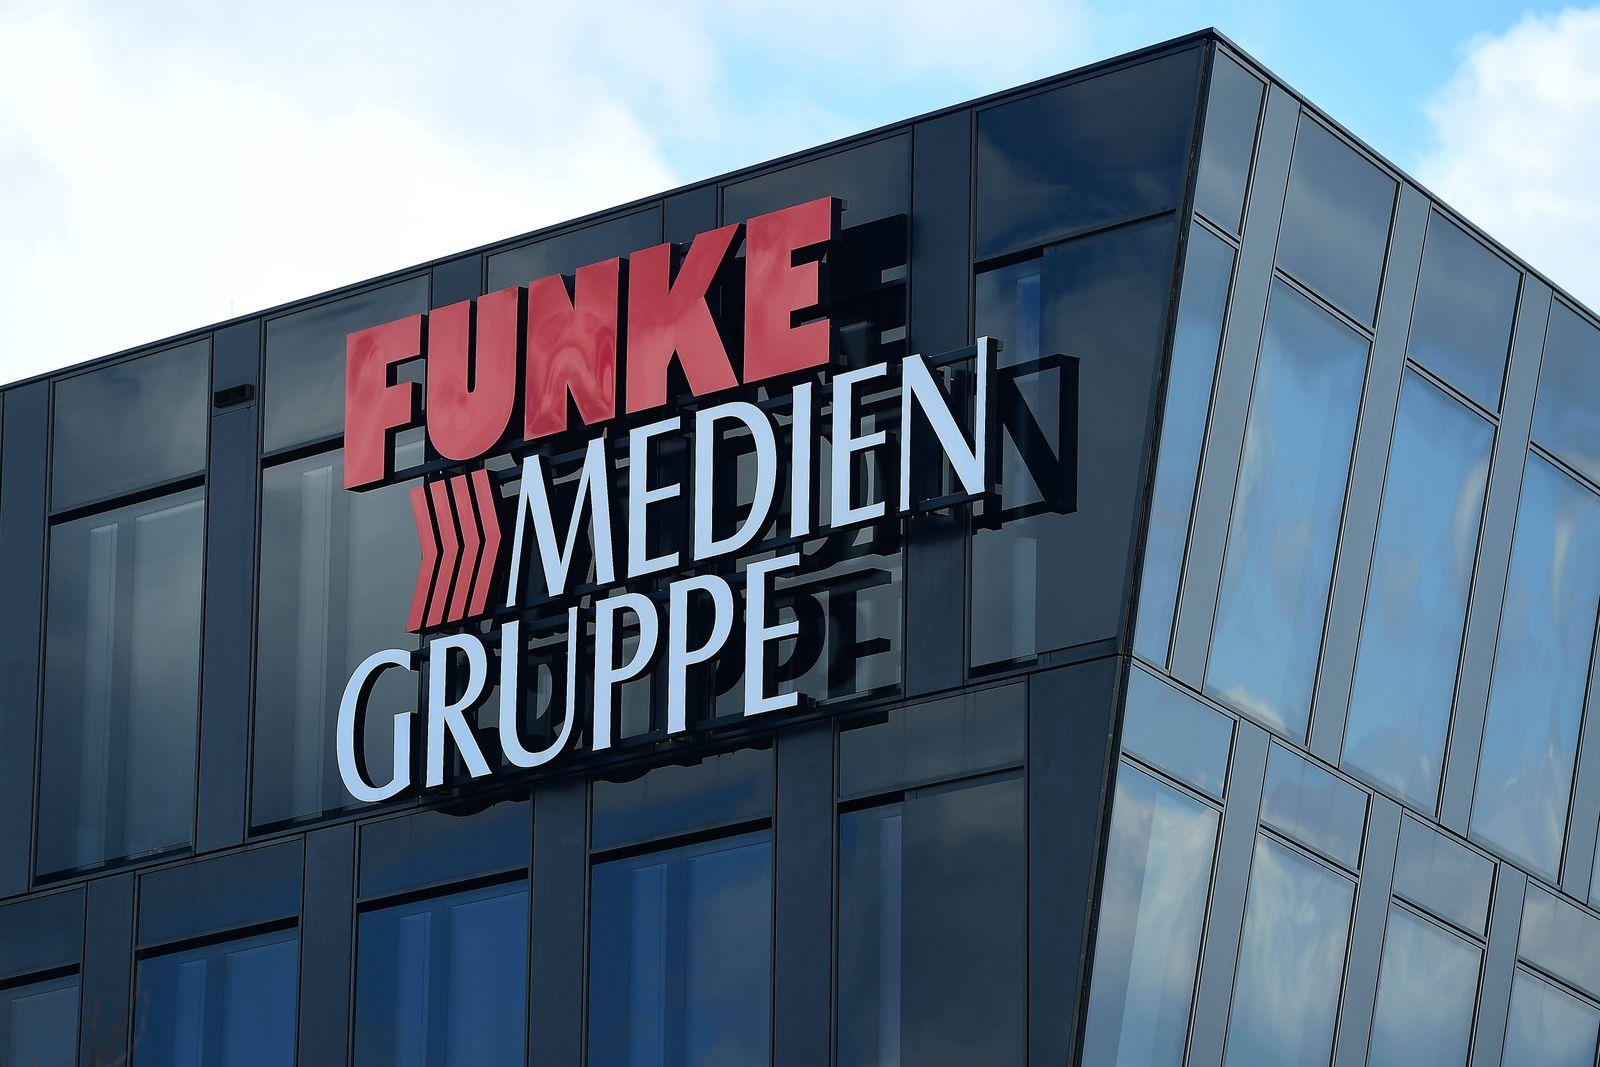 Funke Mediengruppe am 21.03.2019 in Essen ( Nordrhein-Westfalen ) Die Funke Mediengruppe mit Sitz in Essen ist ein Medie